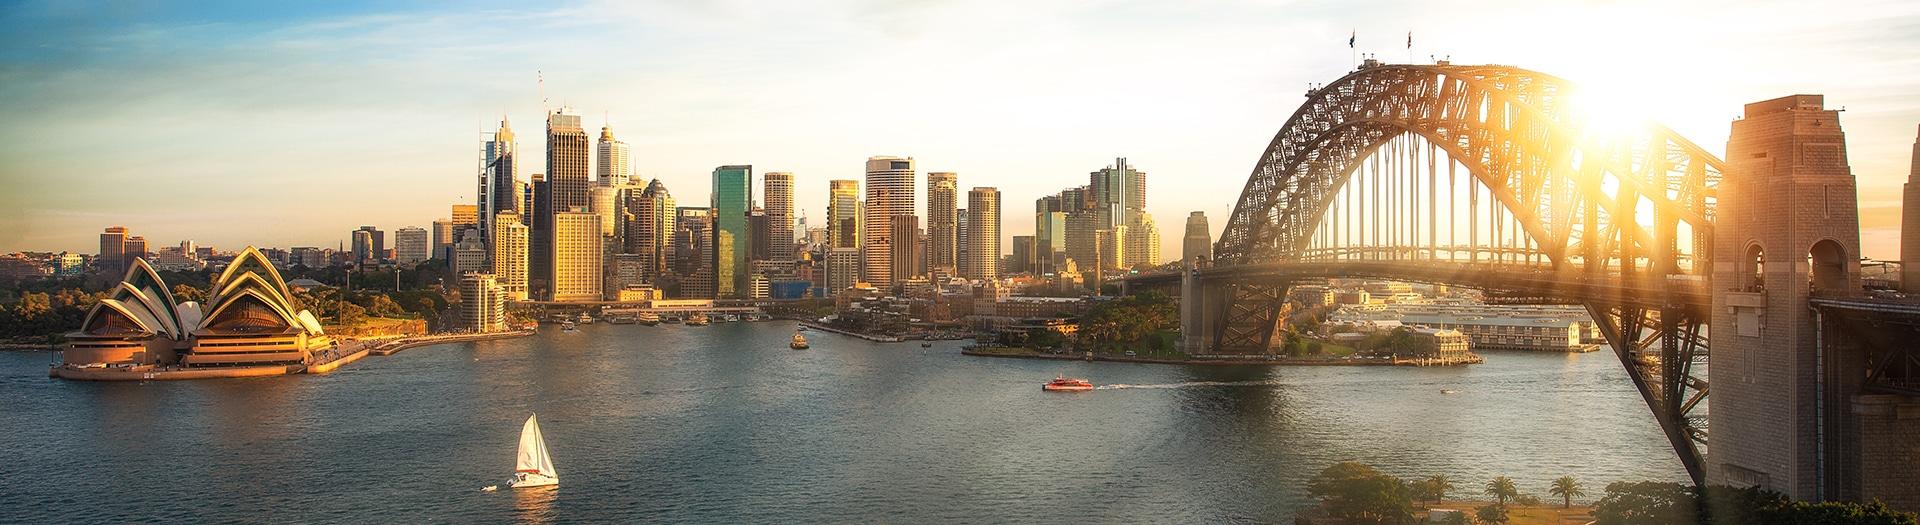 CFA Society Sydney